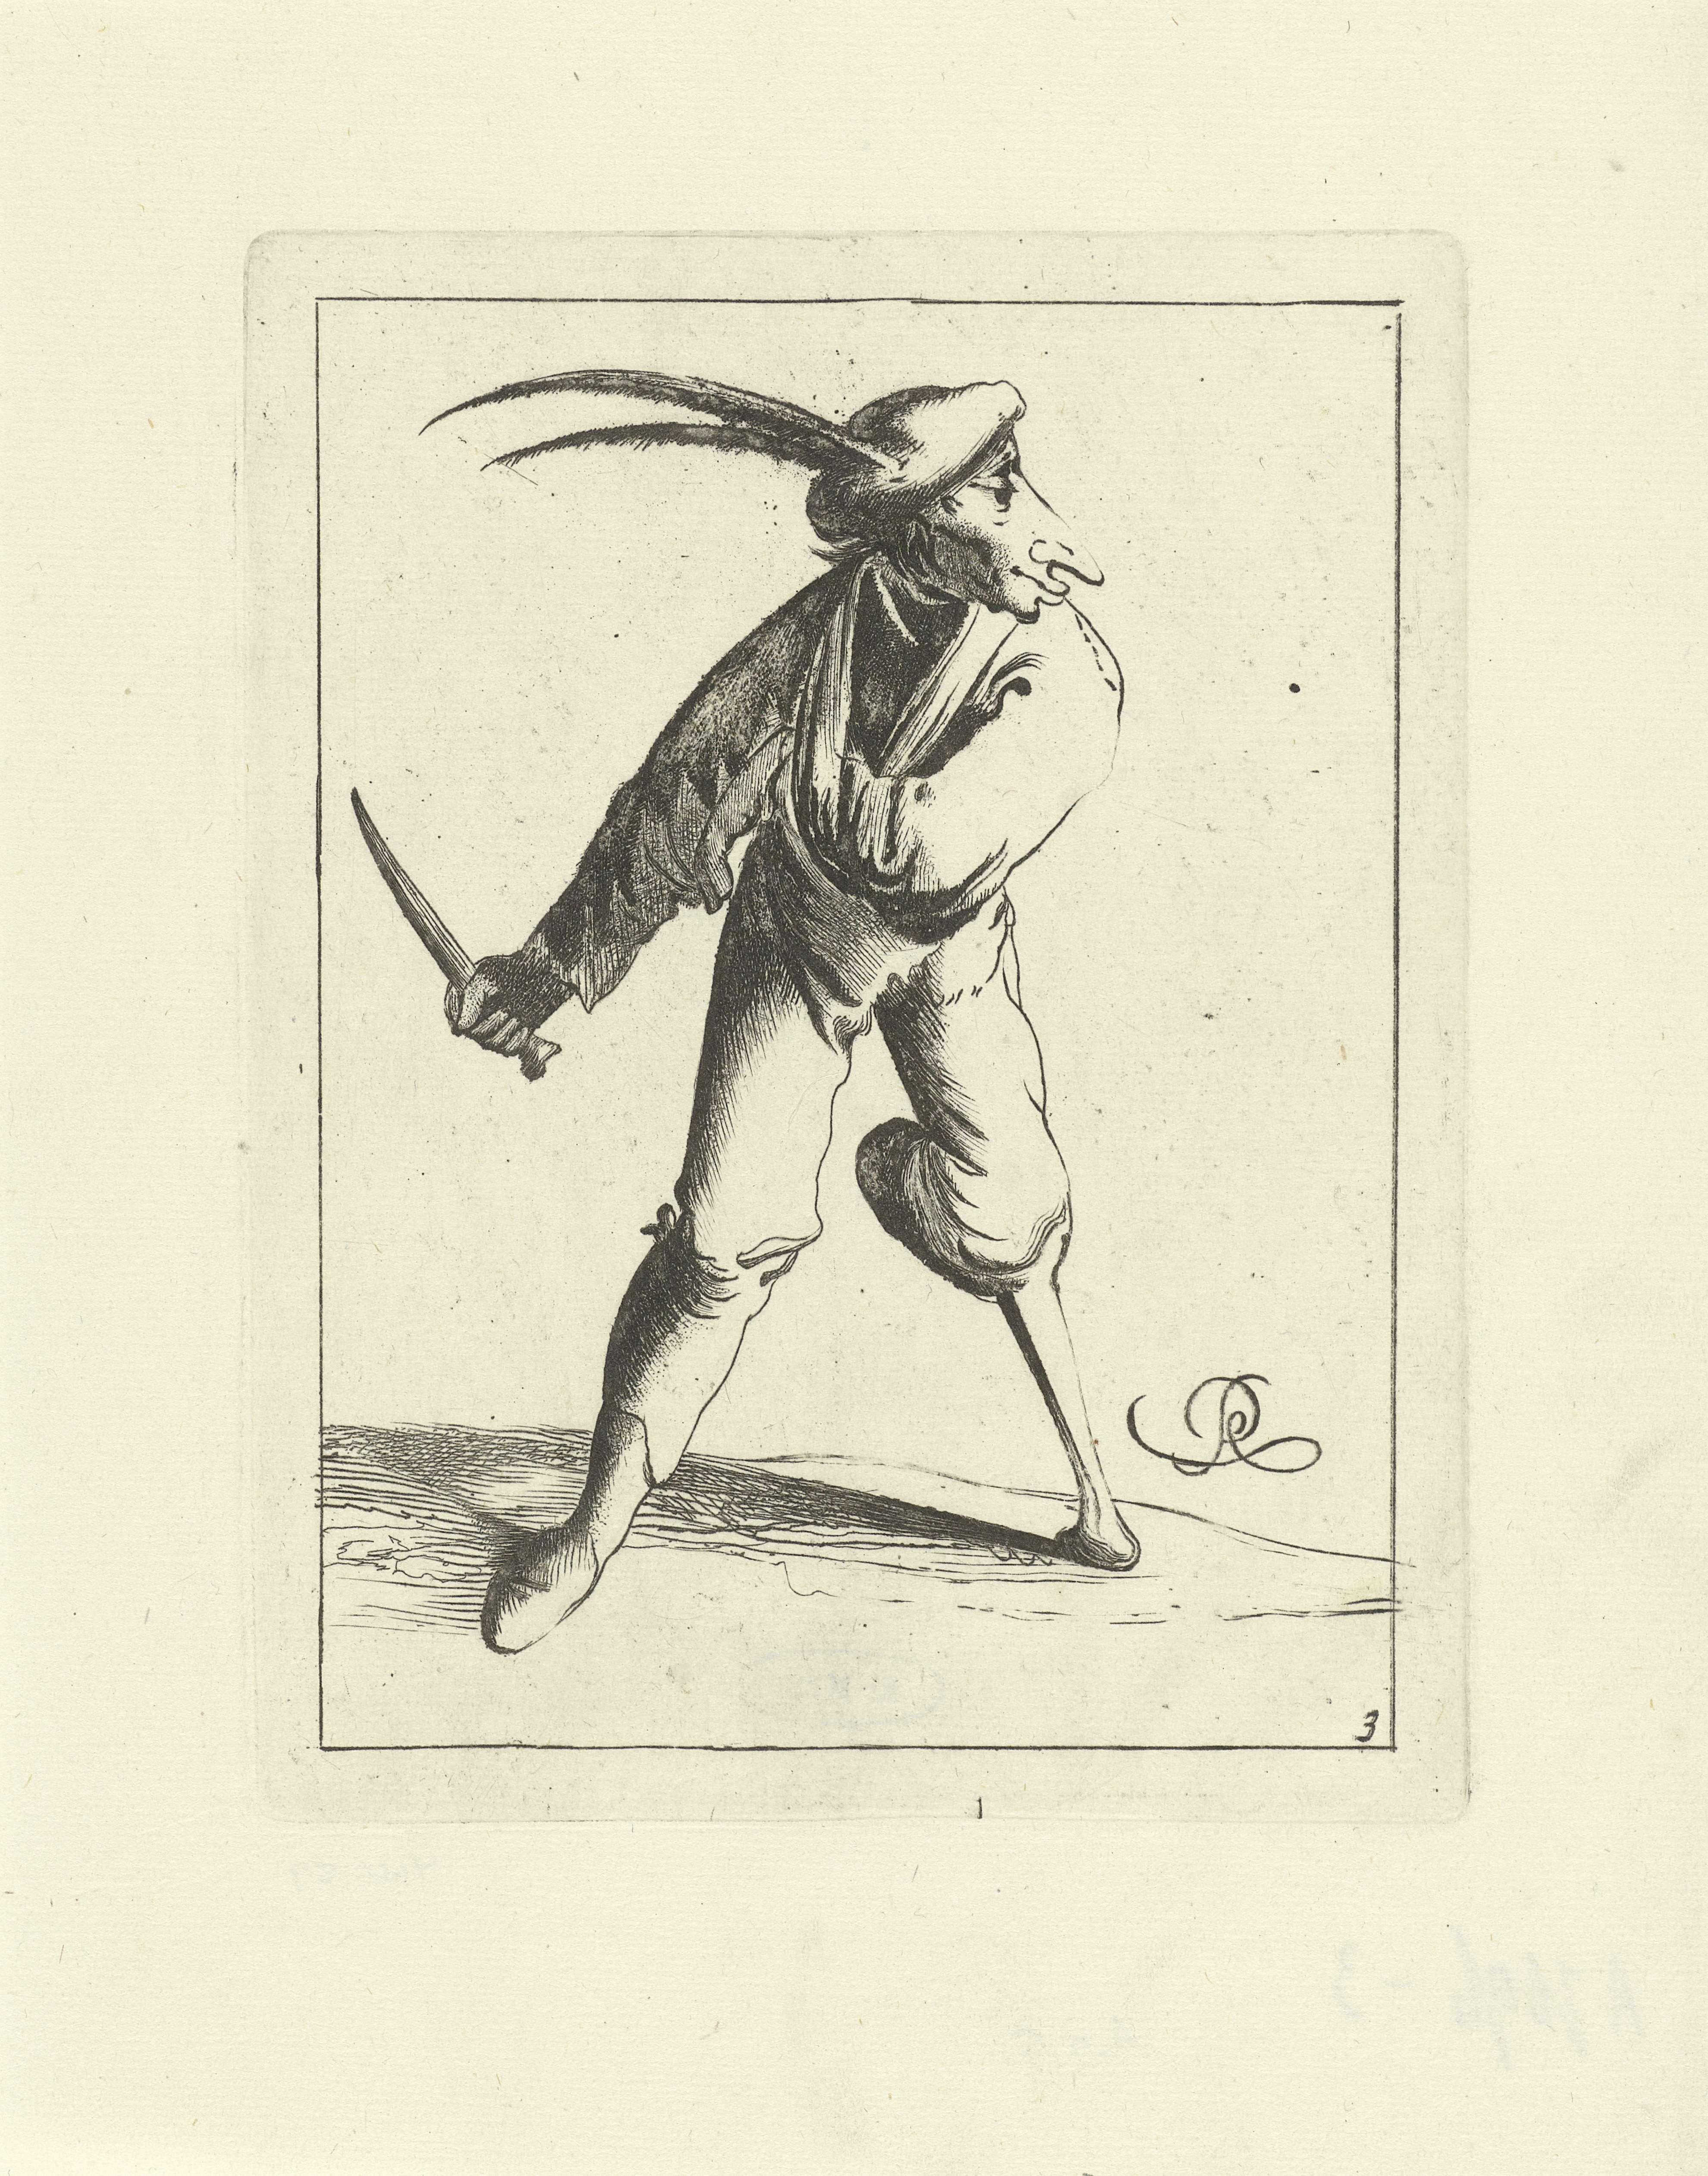 Pieter Jansz. Quast   Dwaas met een mes, Pieter Jansz. Quast, Frederik de Wit, 1639 - 1706   Een dwaas met een houten been en de arm in een mitella heeft een mes in zijn hand. Hij draagt een baret met lange veren. Zijn gezicht is langgerekt en lijkt op de snuit van een geit. De prent maakt deel uit van een serie van twaalf prenten met dwazen.